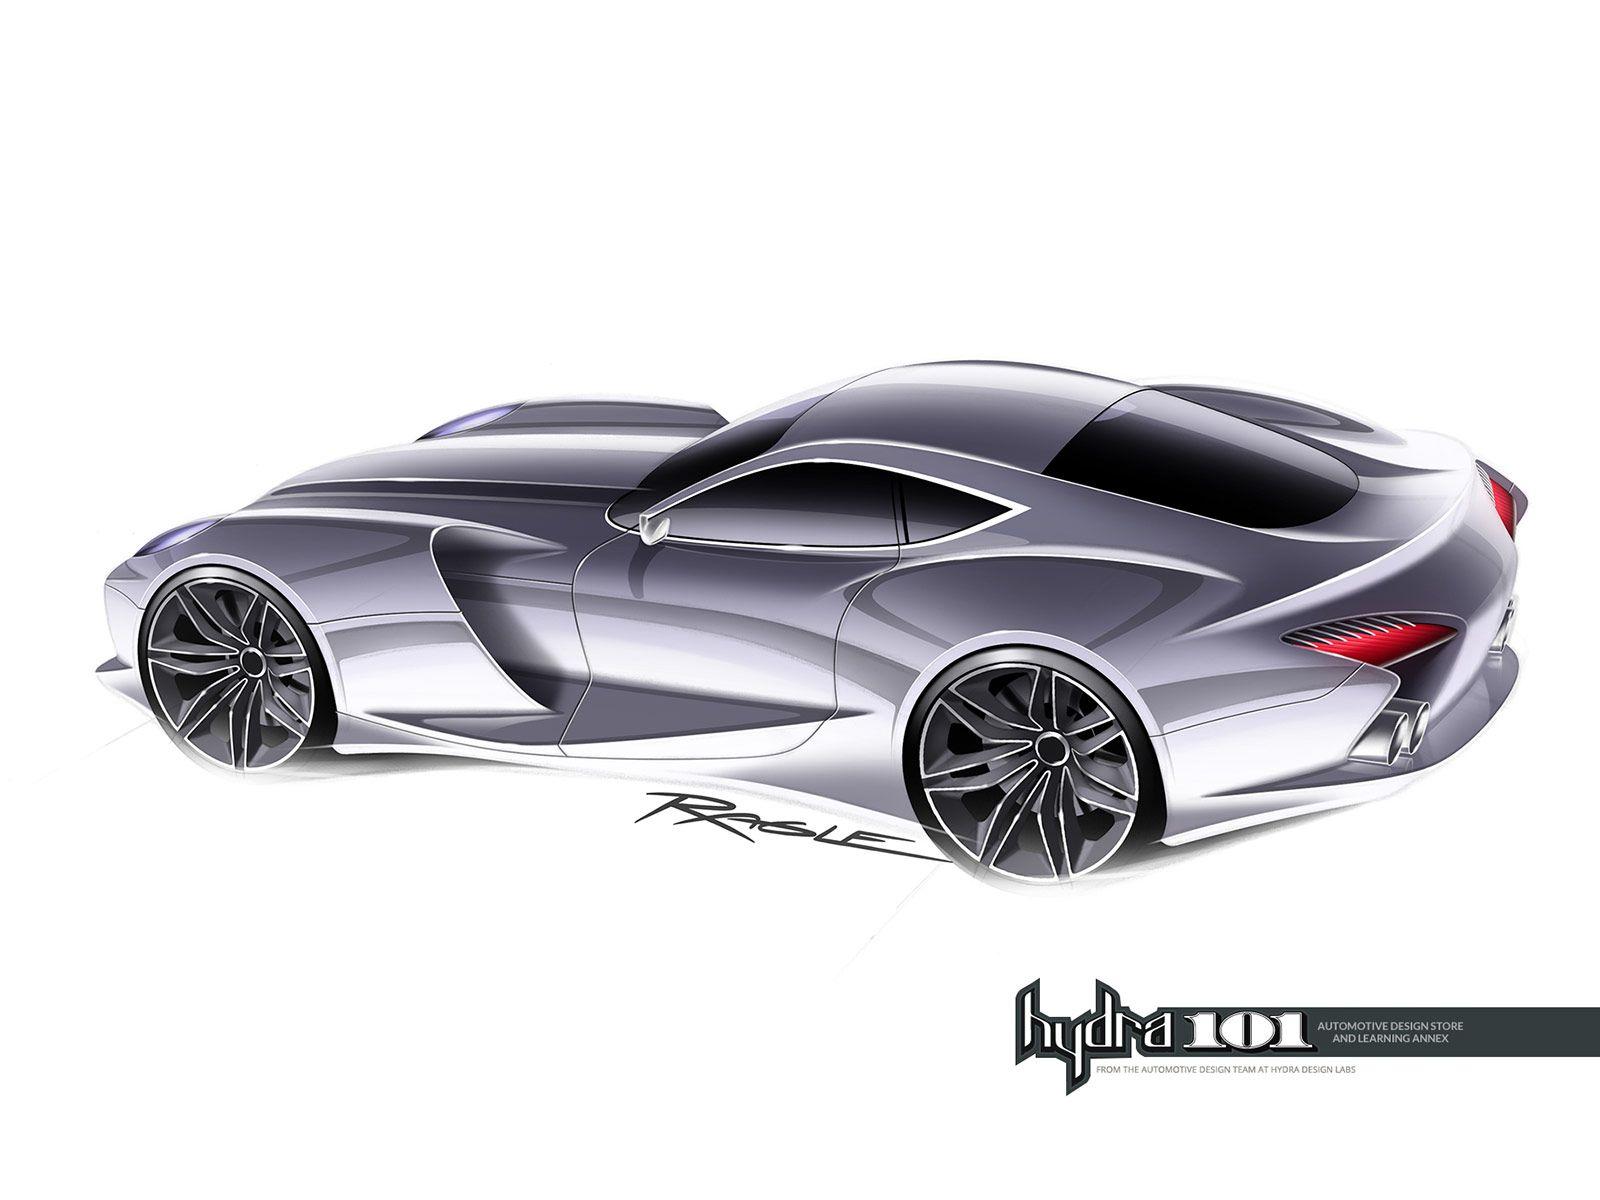 Supercar Design Sketch By Gary Ragle Car Body Design Supercar Design Automotive Design Super Cars